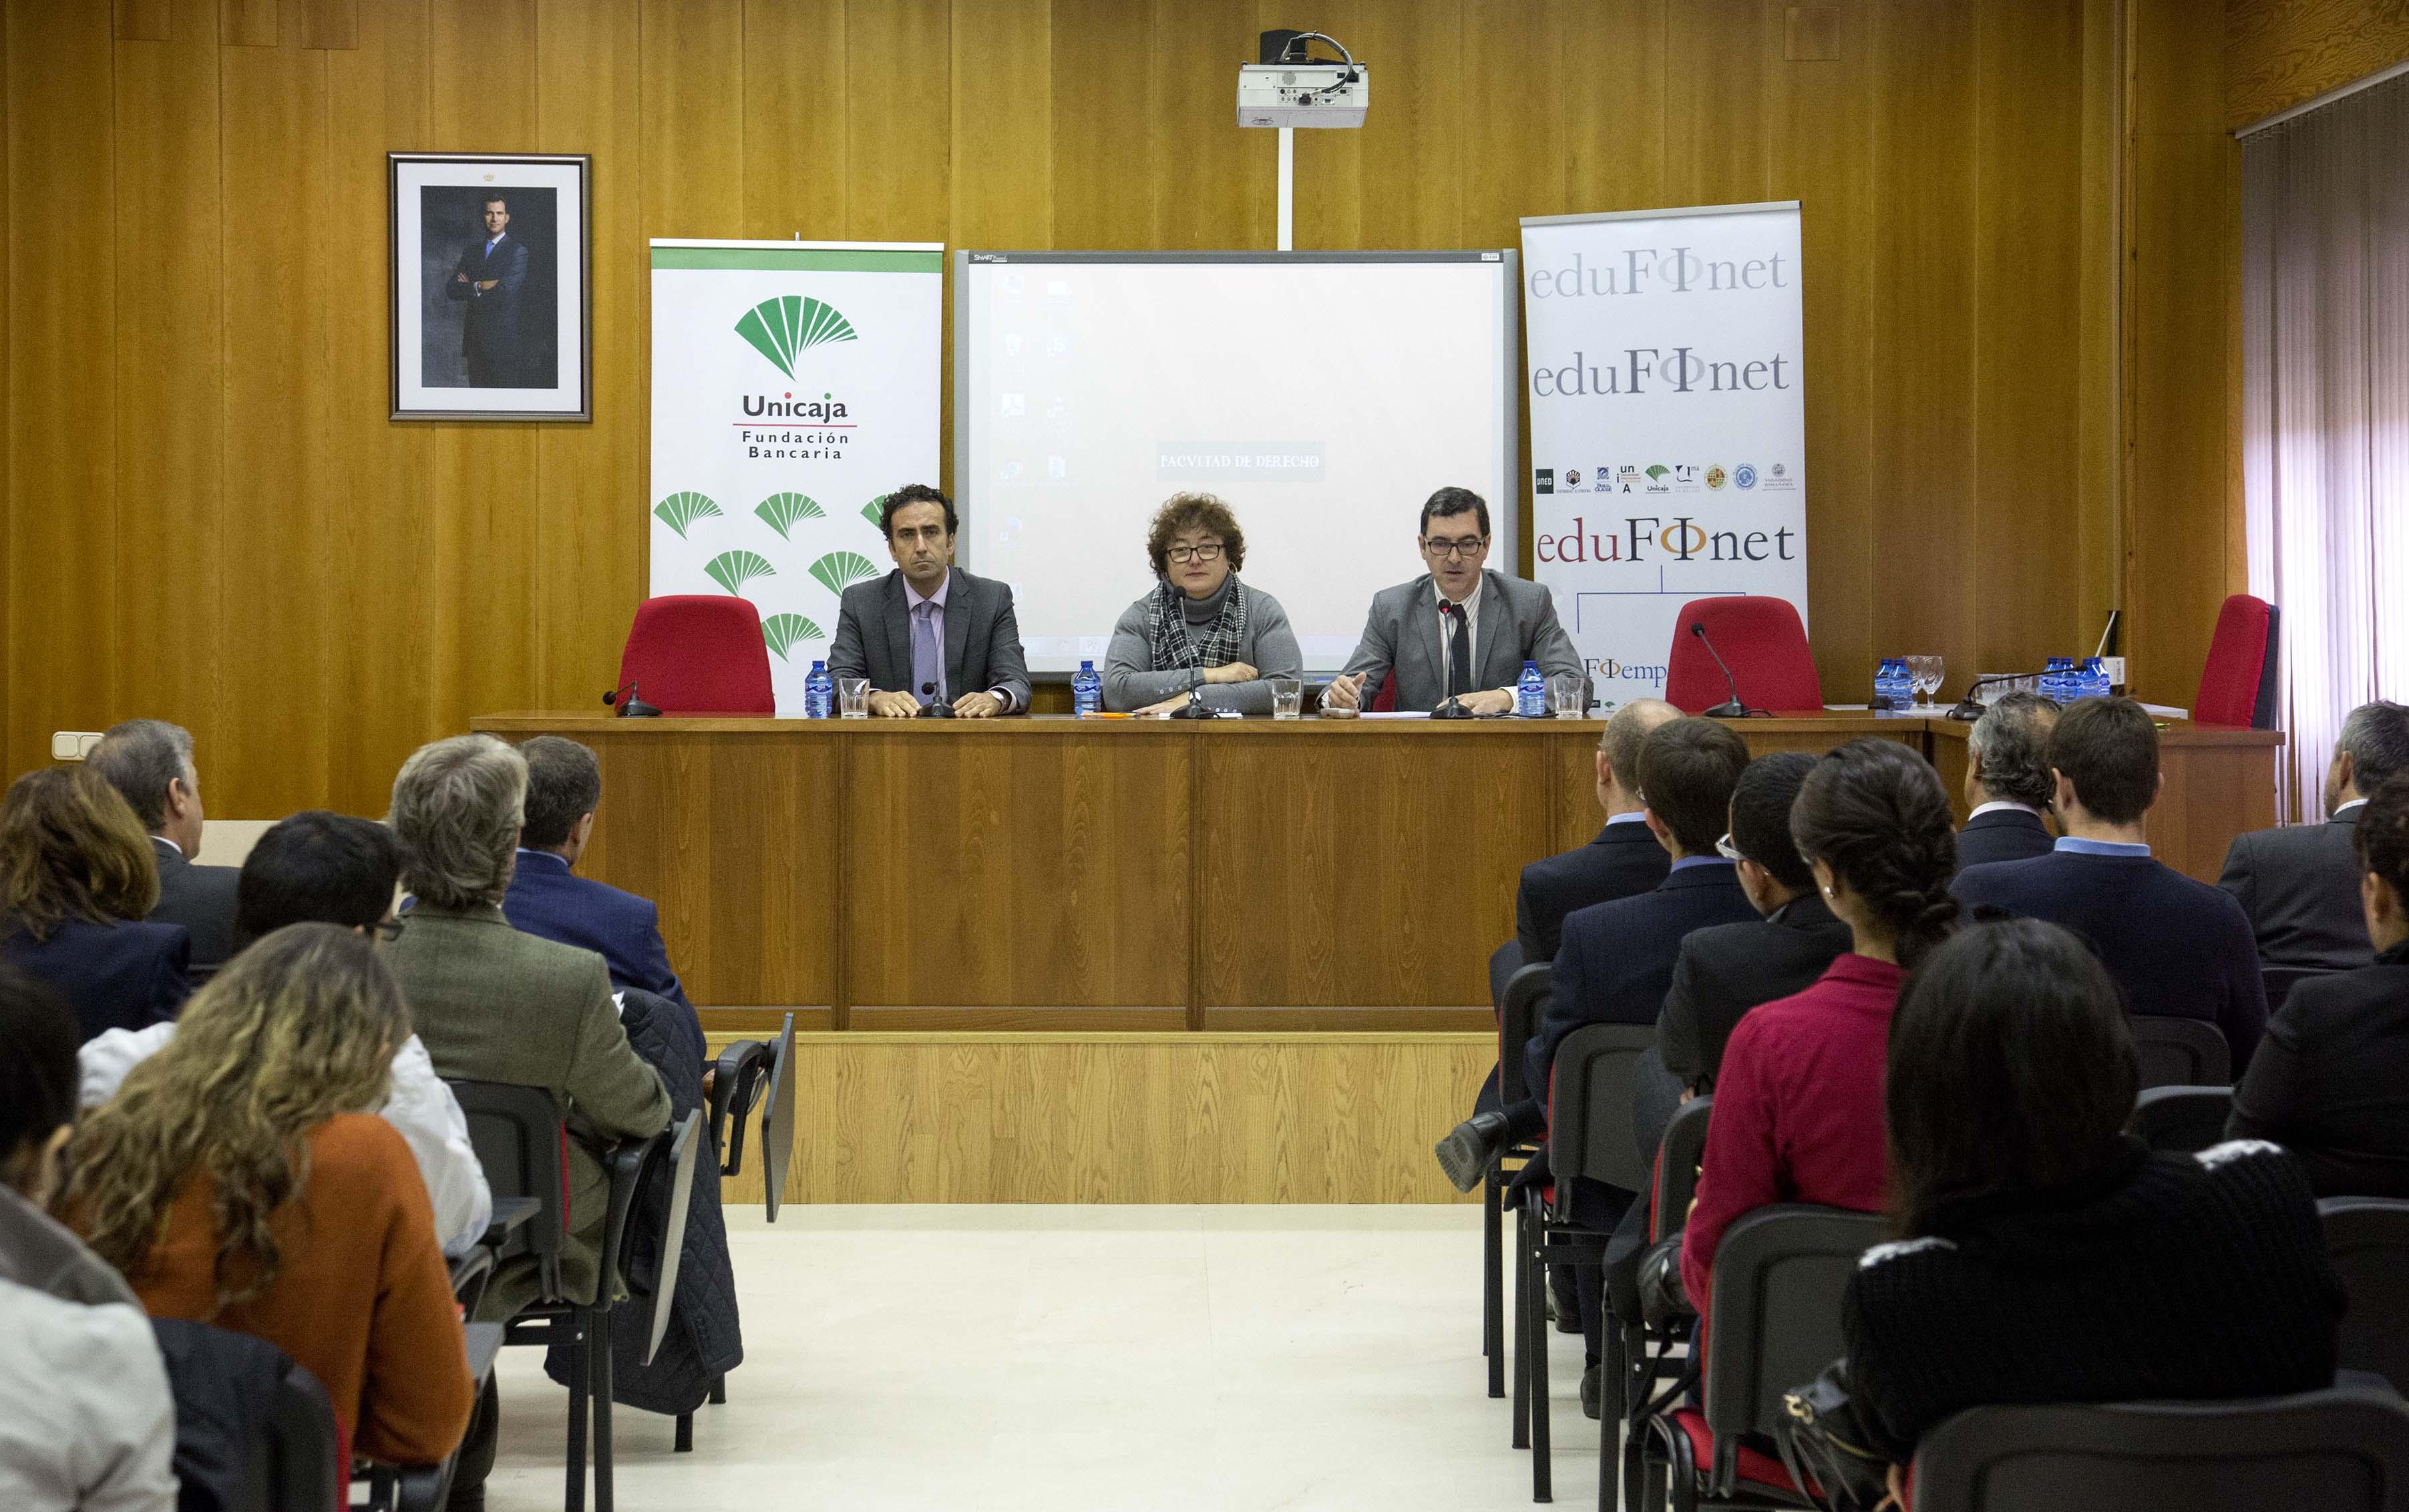 Banco CEISS, Fundación Bancaria Unicaja y Universidad de Salamanca organizan una jornada sobre educación financiera en el marco del 'Proyecto Edufinet'